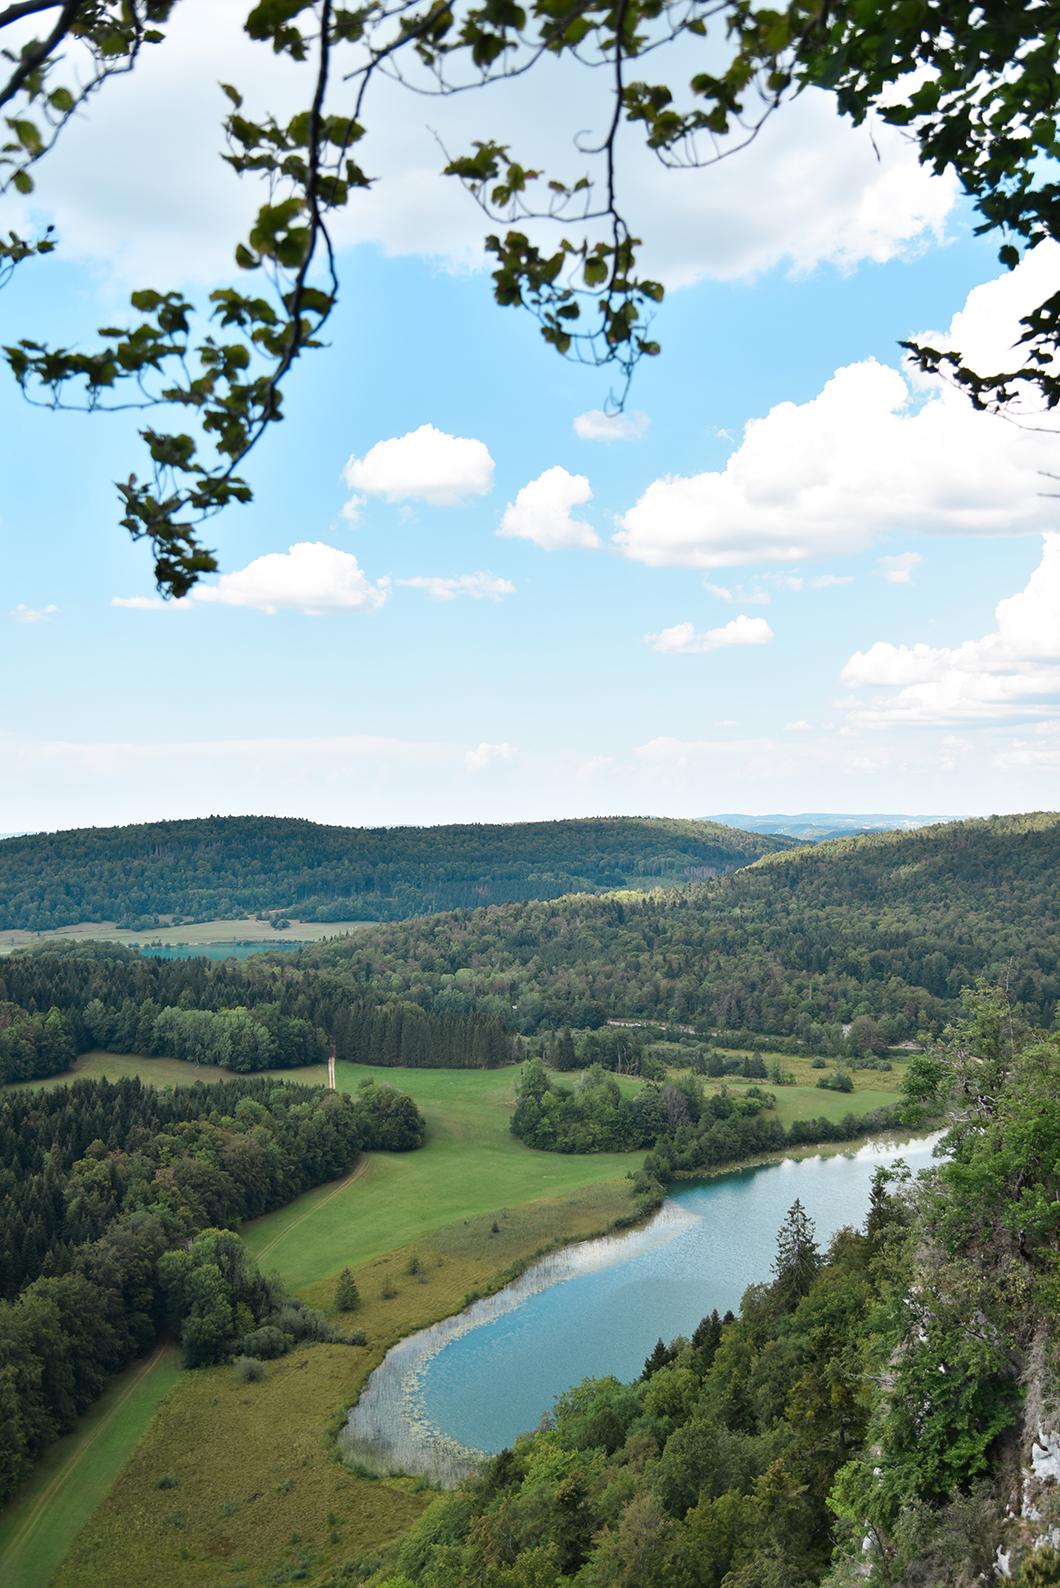 Que faire dans le Jura ? Découvrir le Belvédère des 4 lacs